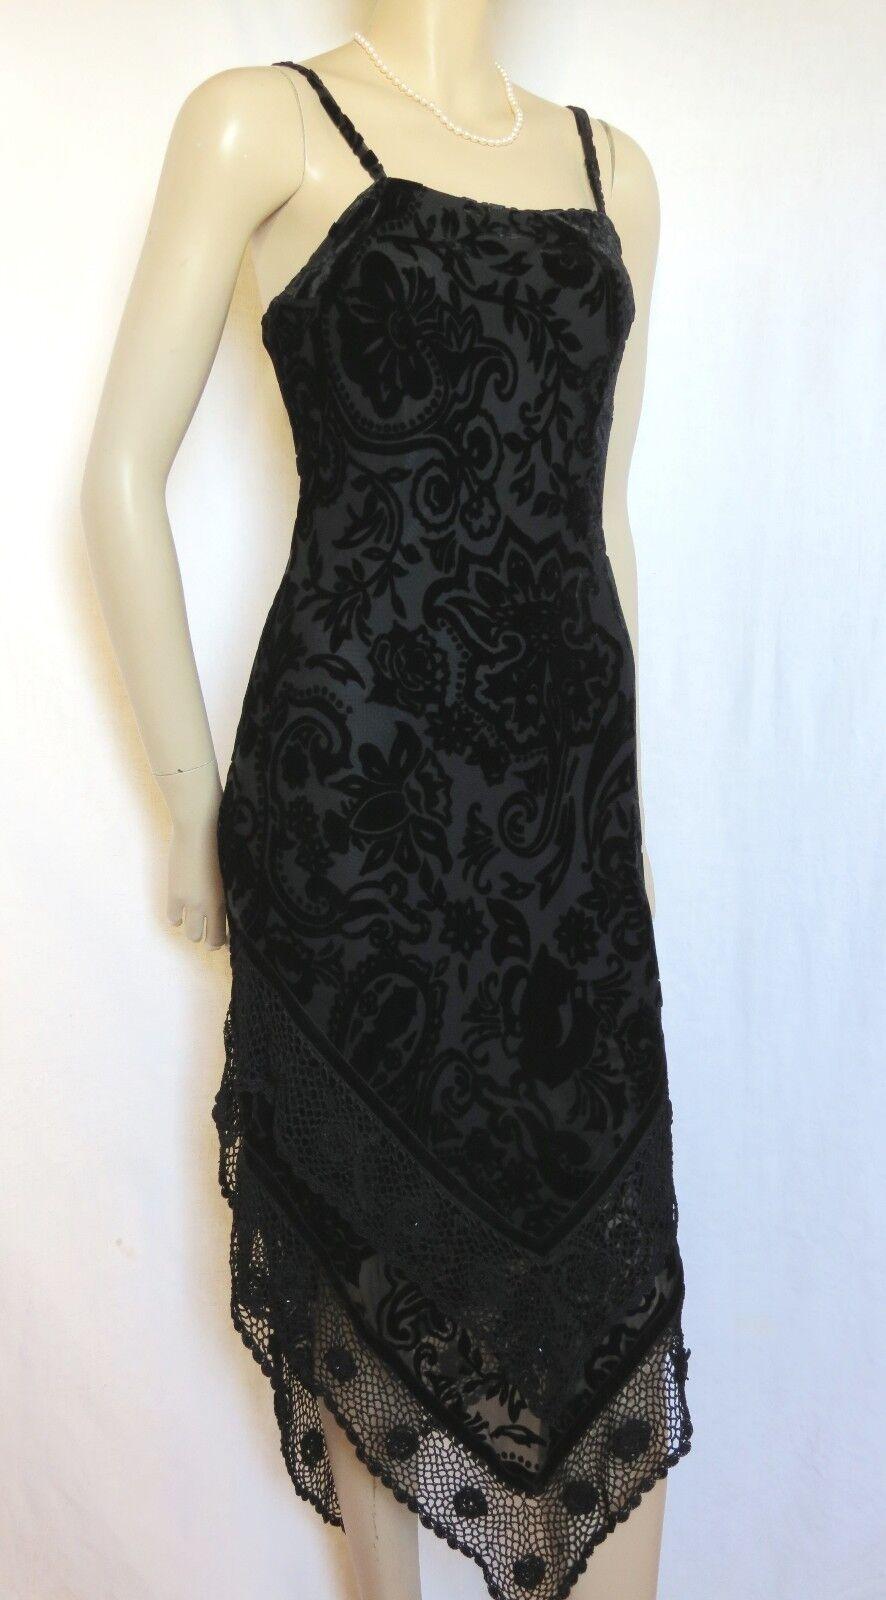 39bcb15a4971fd Laura Ashley Abendkleid 36 schwarz Seide Spitze Chor festlich Samt Hochzeit  nokxlu1062-Kleider